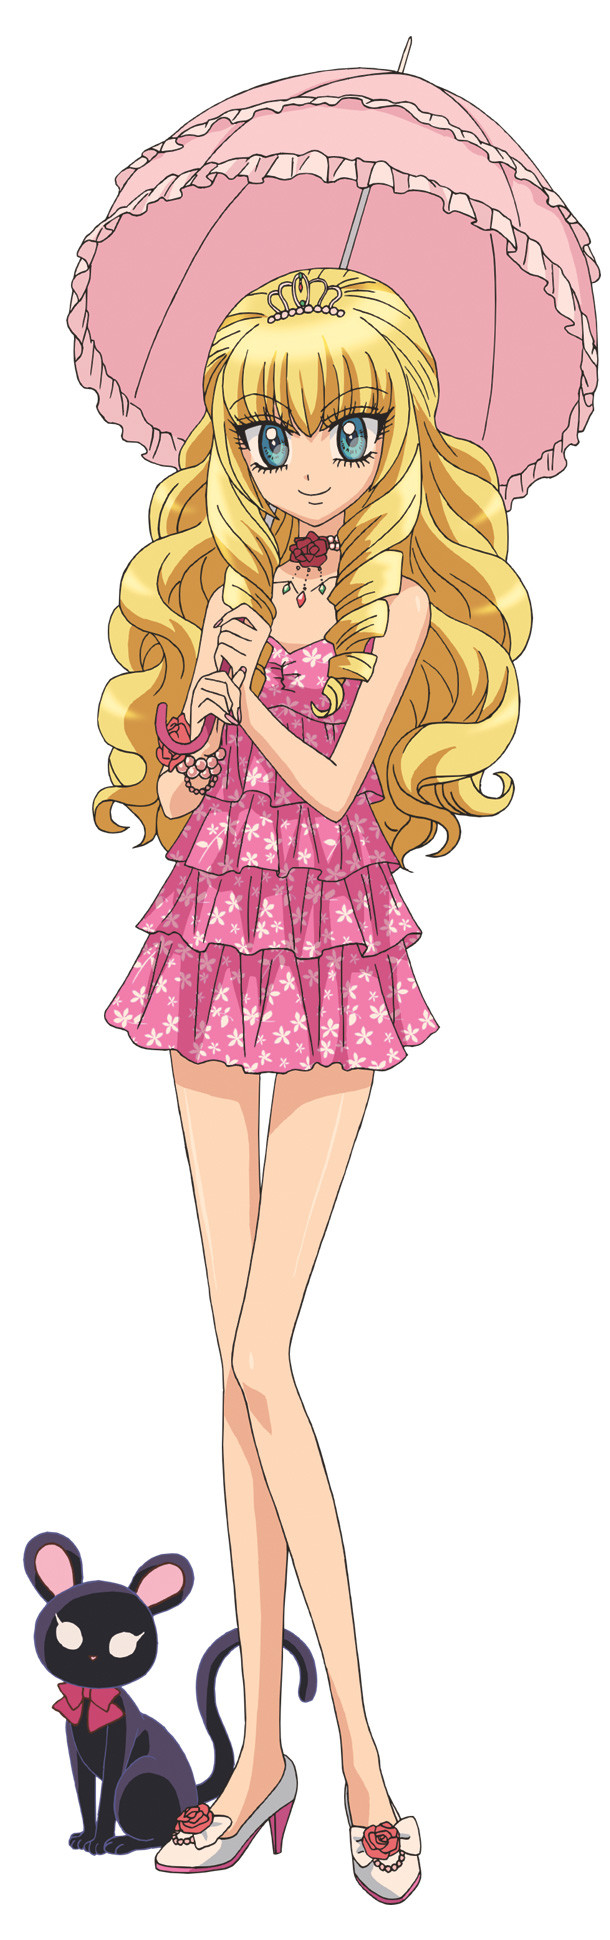 アニメ「姫ギャル♥パラダイス」のイメージ。(C)和央明/小学館